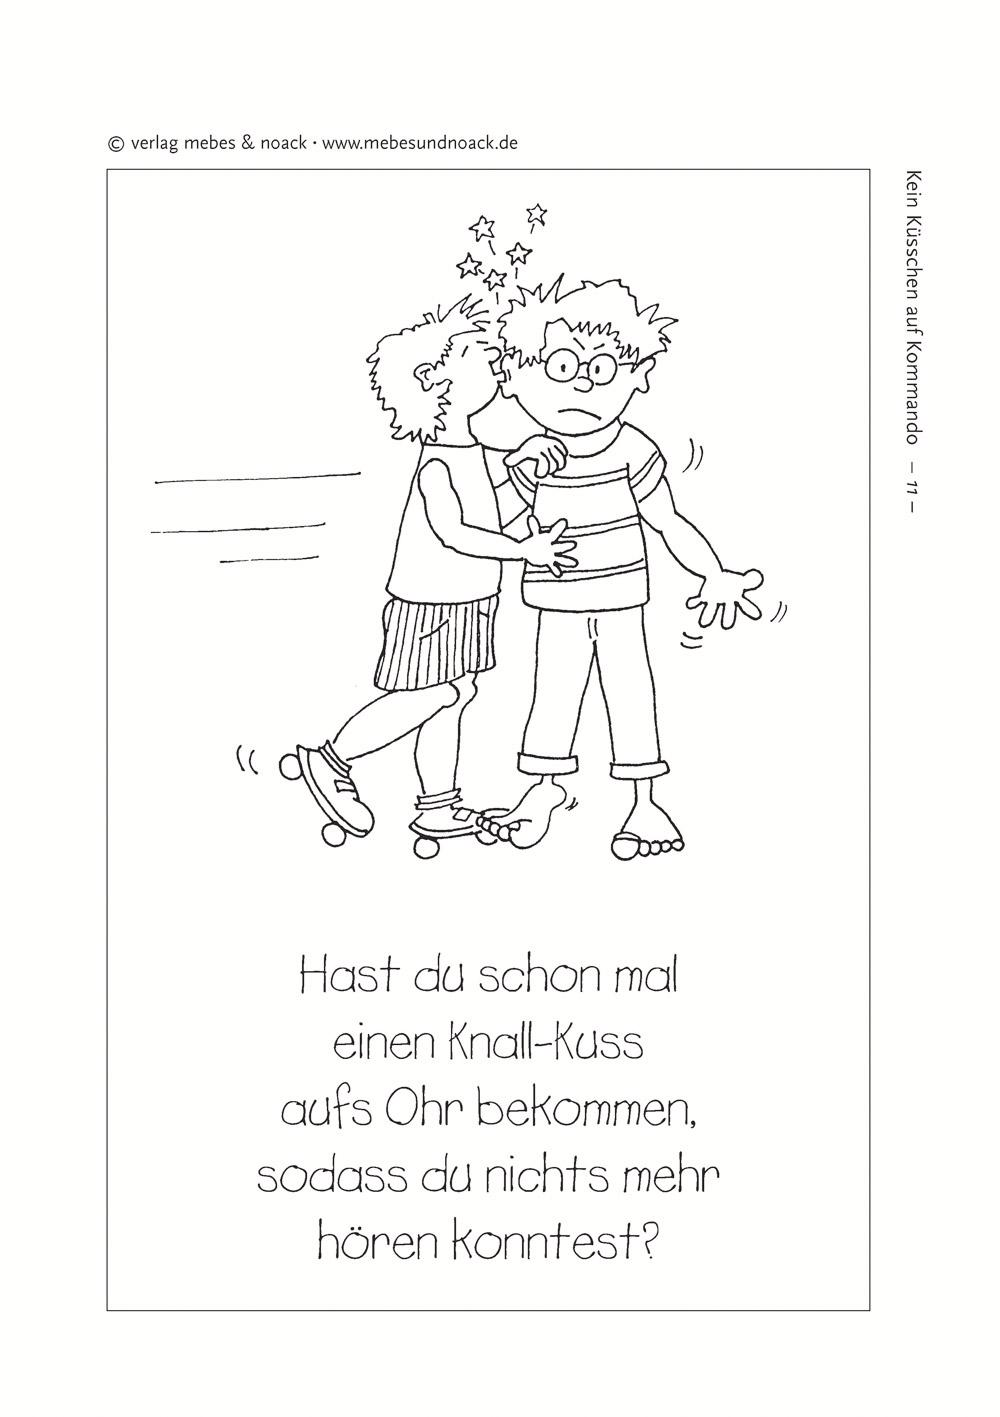 Beste Malvorlagen Hören Ideen - Malvorlagen Ideen - blogsbr.info